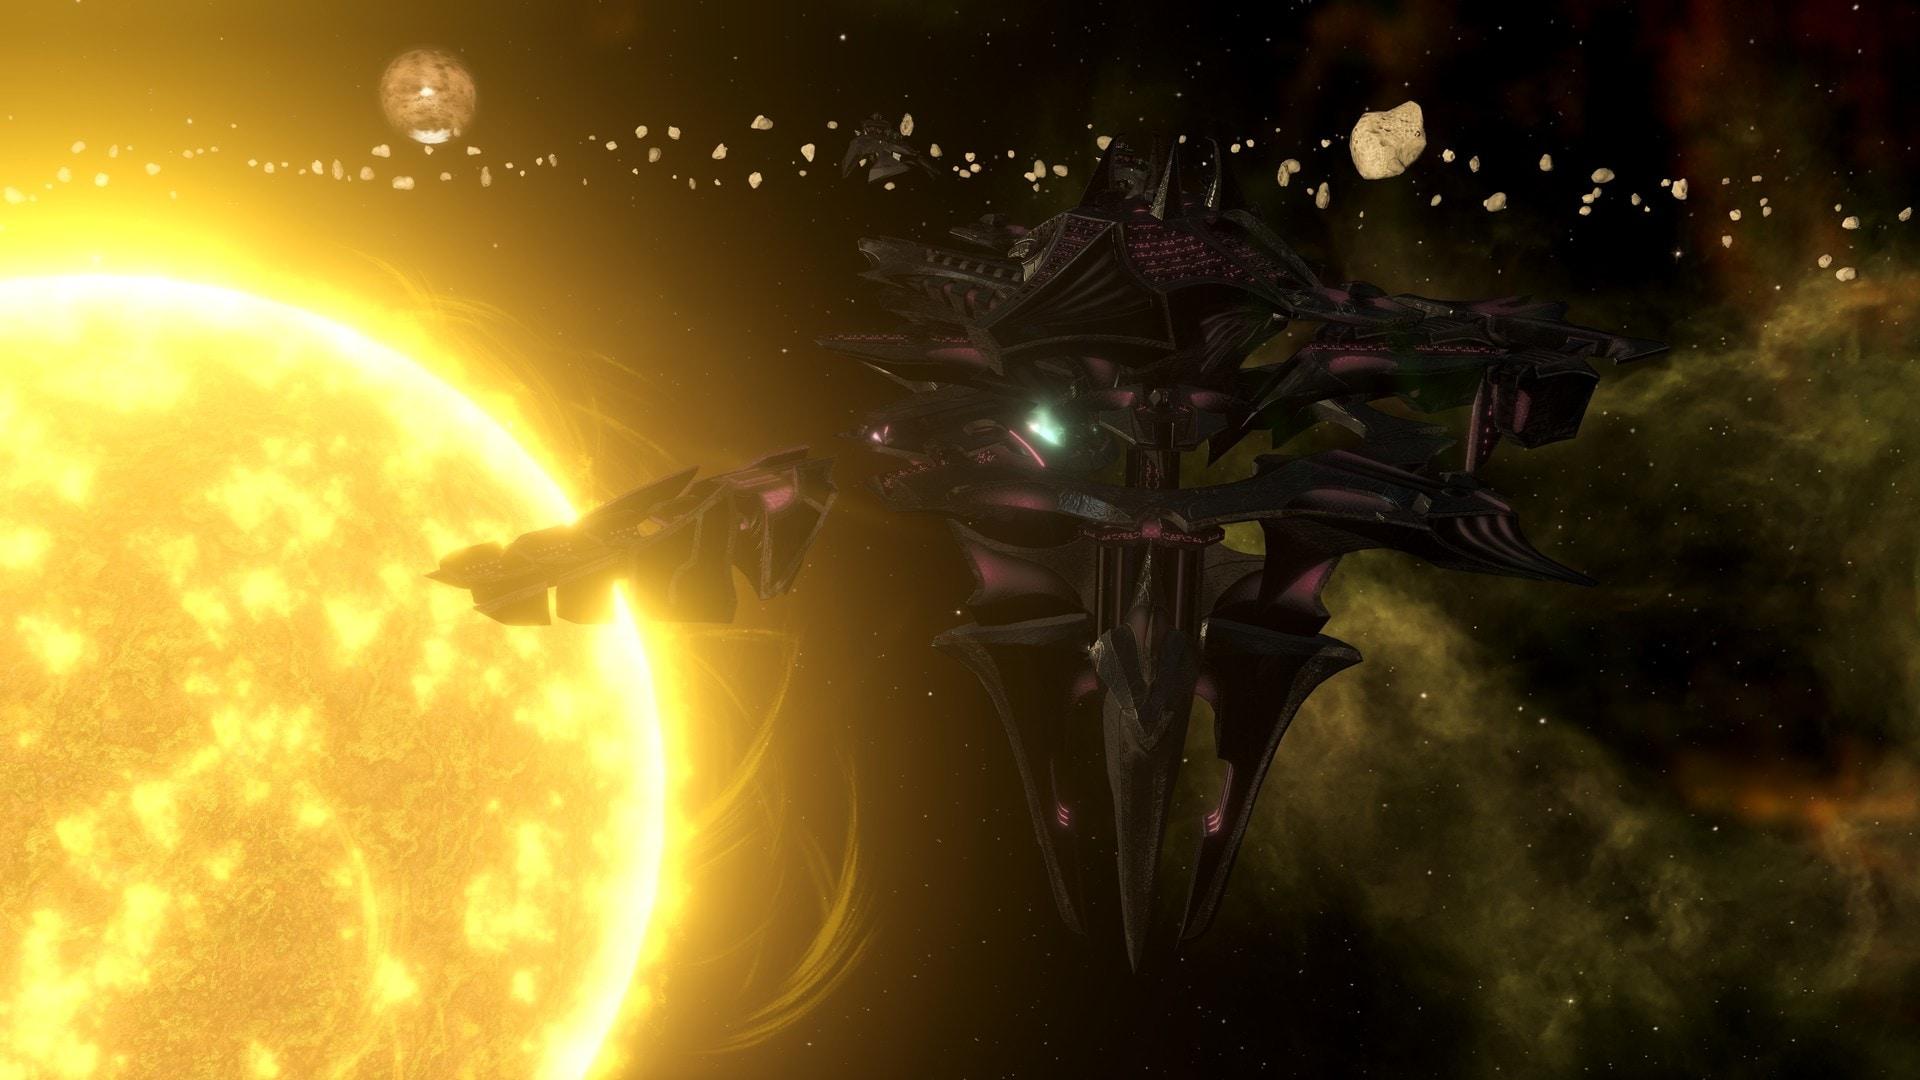 Stellaris: Necroids Species Pack (PC) - Steam Key - GLOBAL - 3